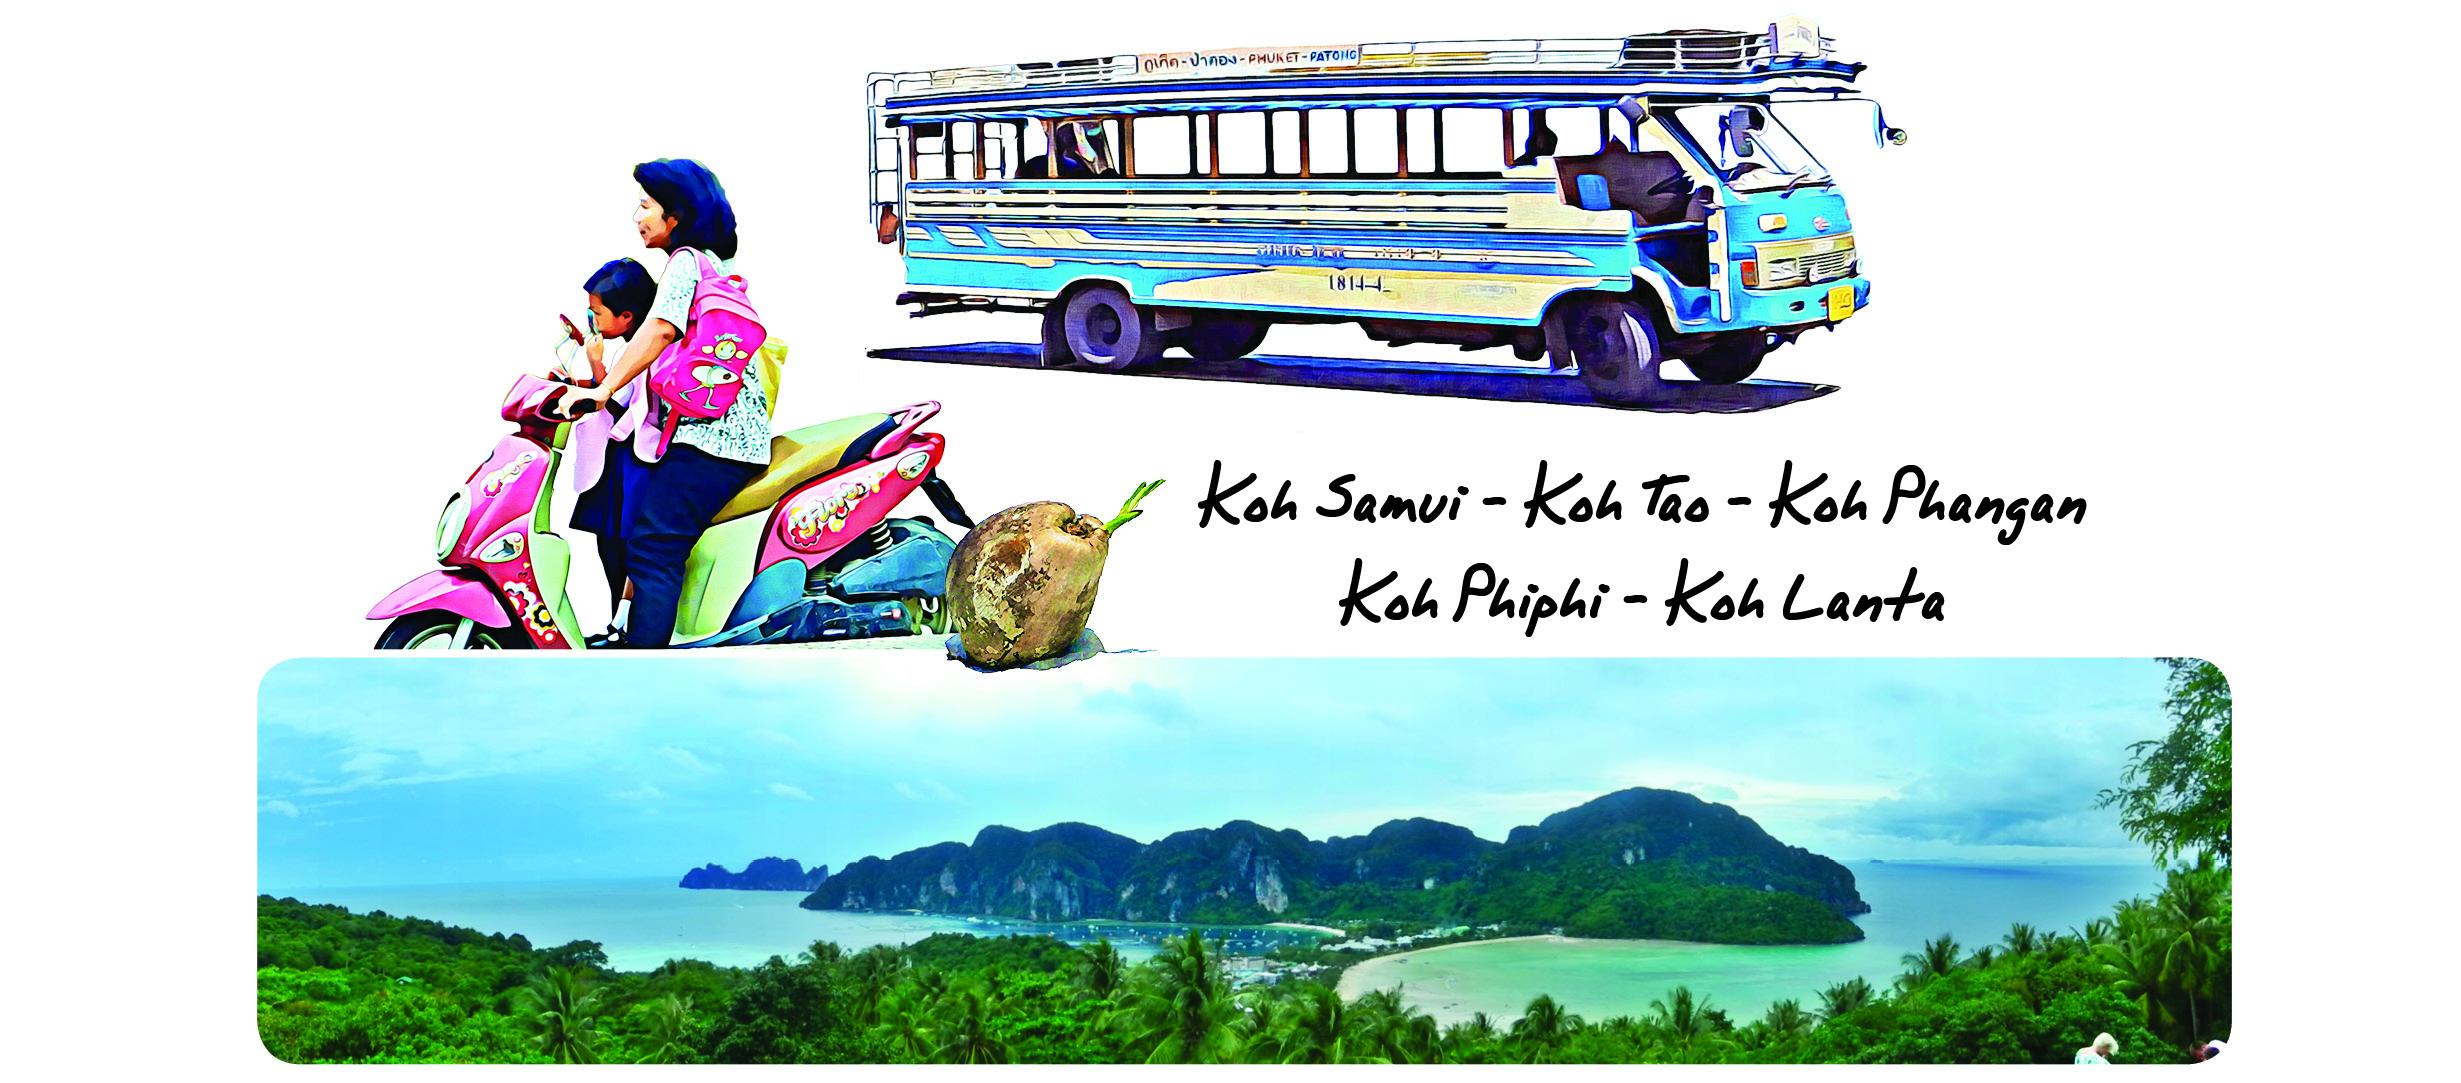 Voyage en Thaïlande. L'île de Koh Phi Phi dans la mer turquoise est formée de montagnes et de jungle.